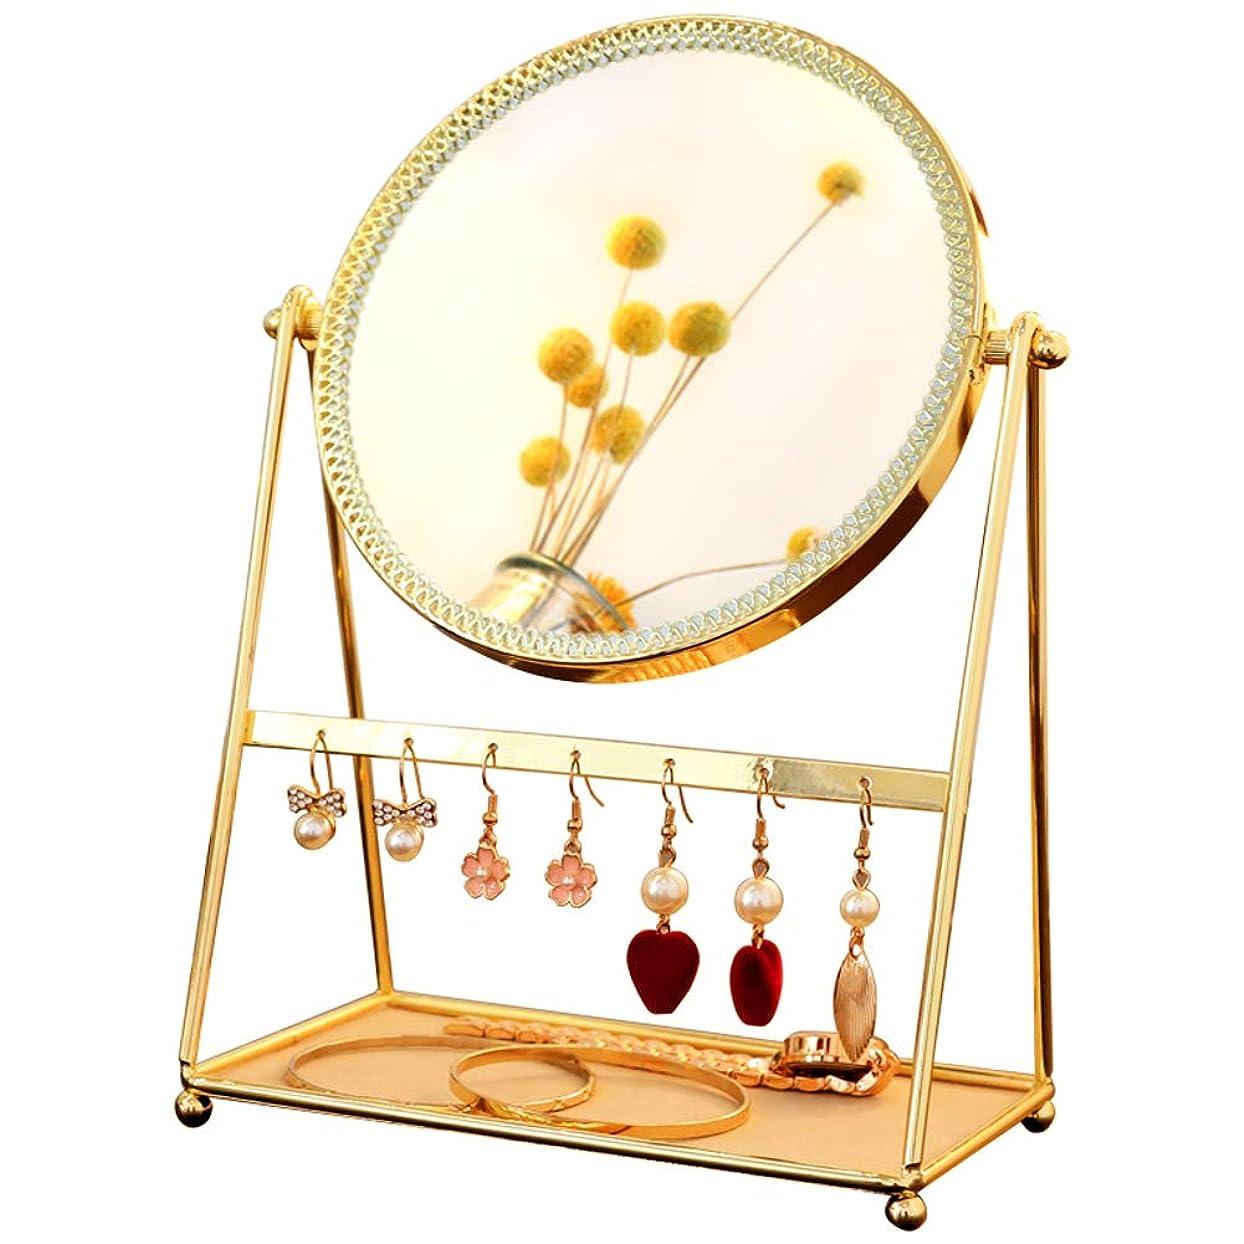 博物館イタリアの起こるGloDeals装飾 化粧鏡 JEWELRY TRAY(ジュエリートレイ) アクセサリー収納 ピアスケース 卓上鏡 スタンドミラー メイク 化粧道具 かわいい ジュエリーボックス 小物入れ 化粧品 おしゃれ収納ケース (gold)